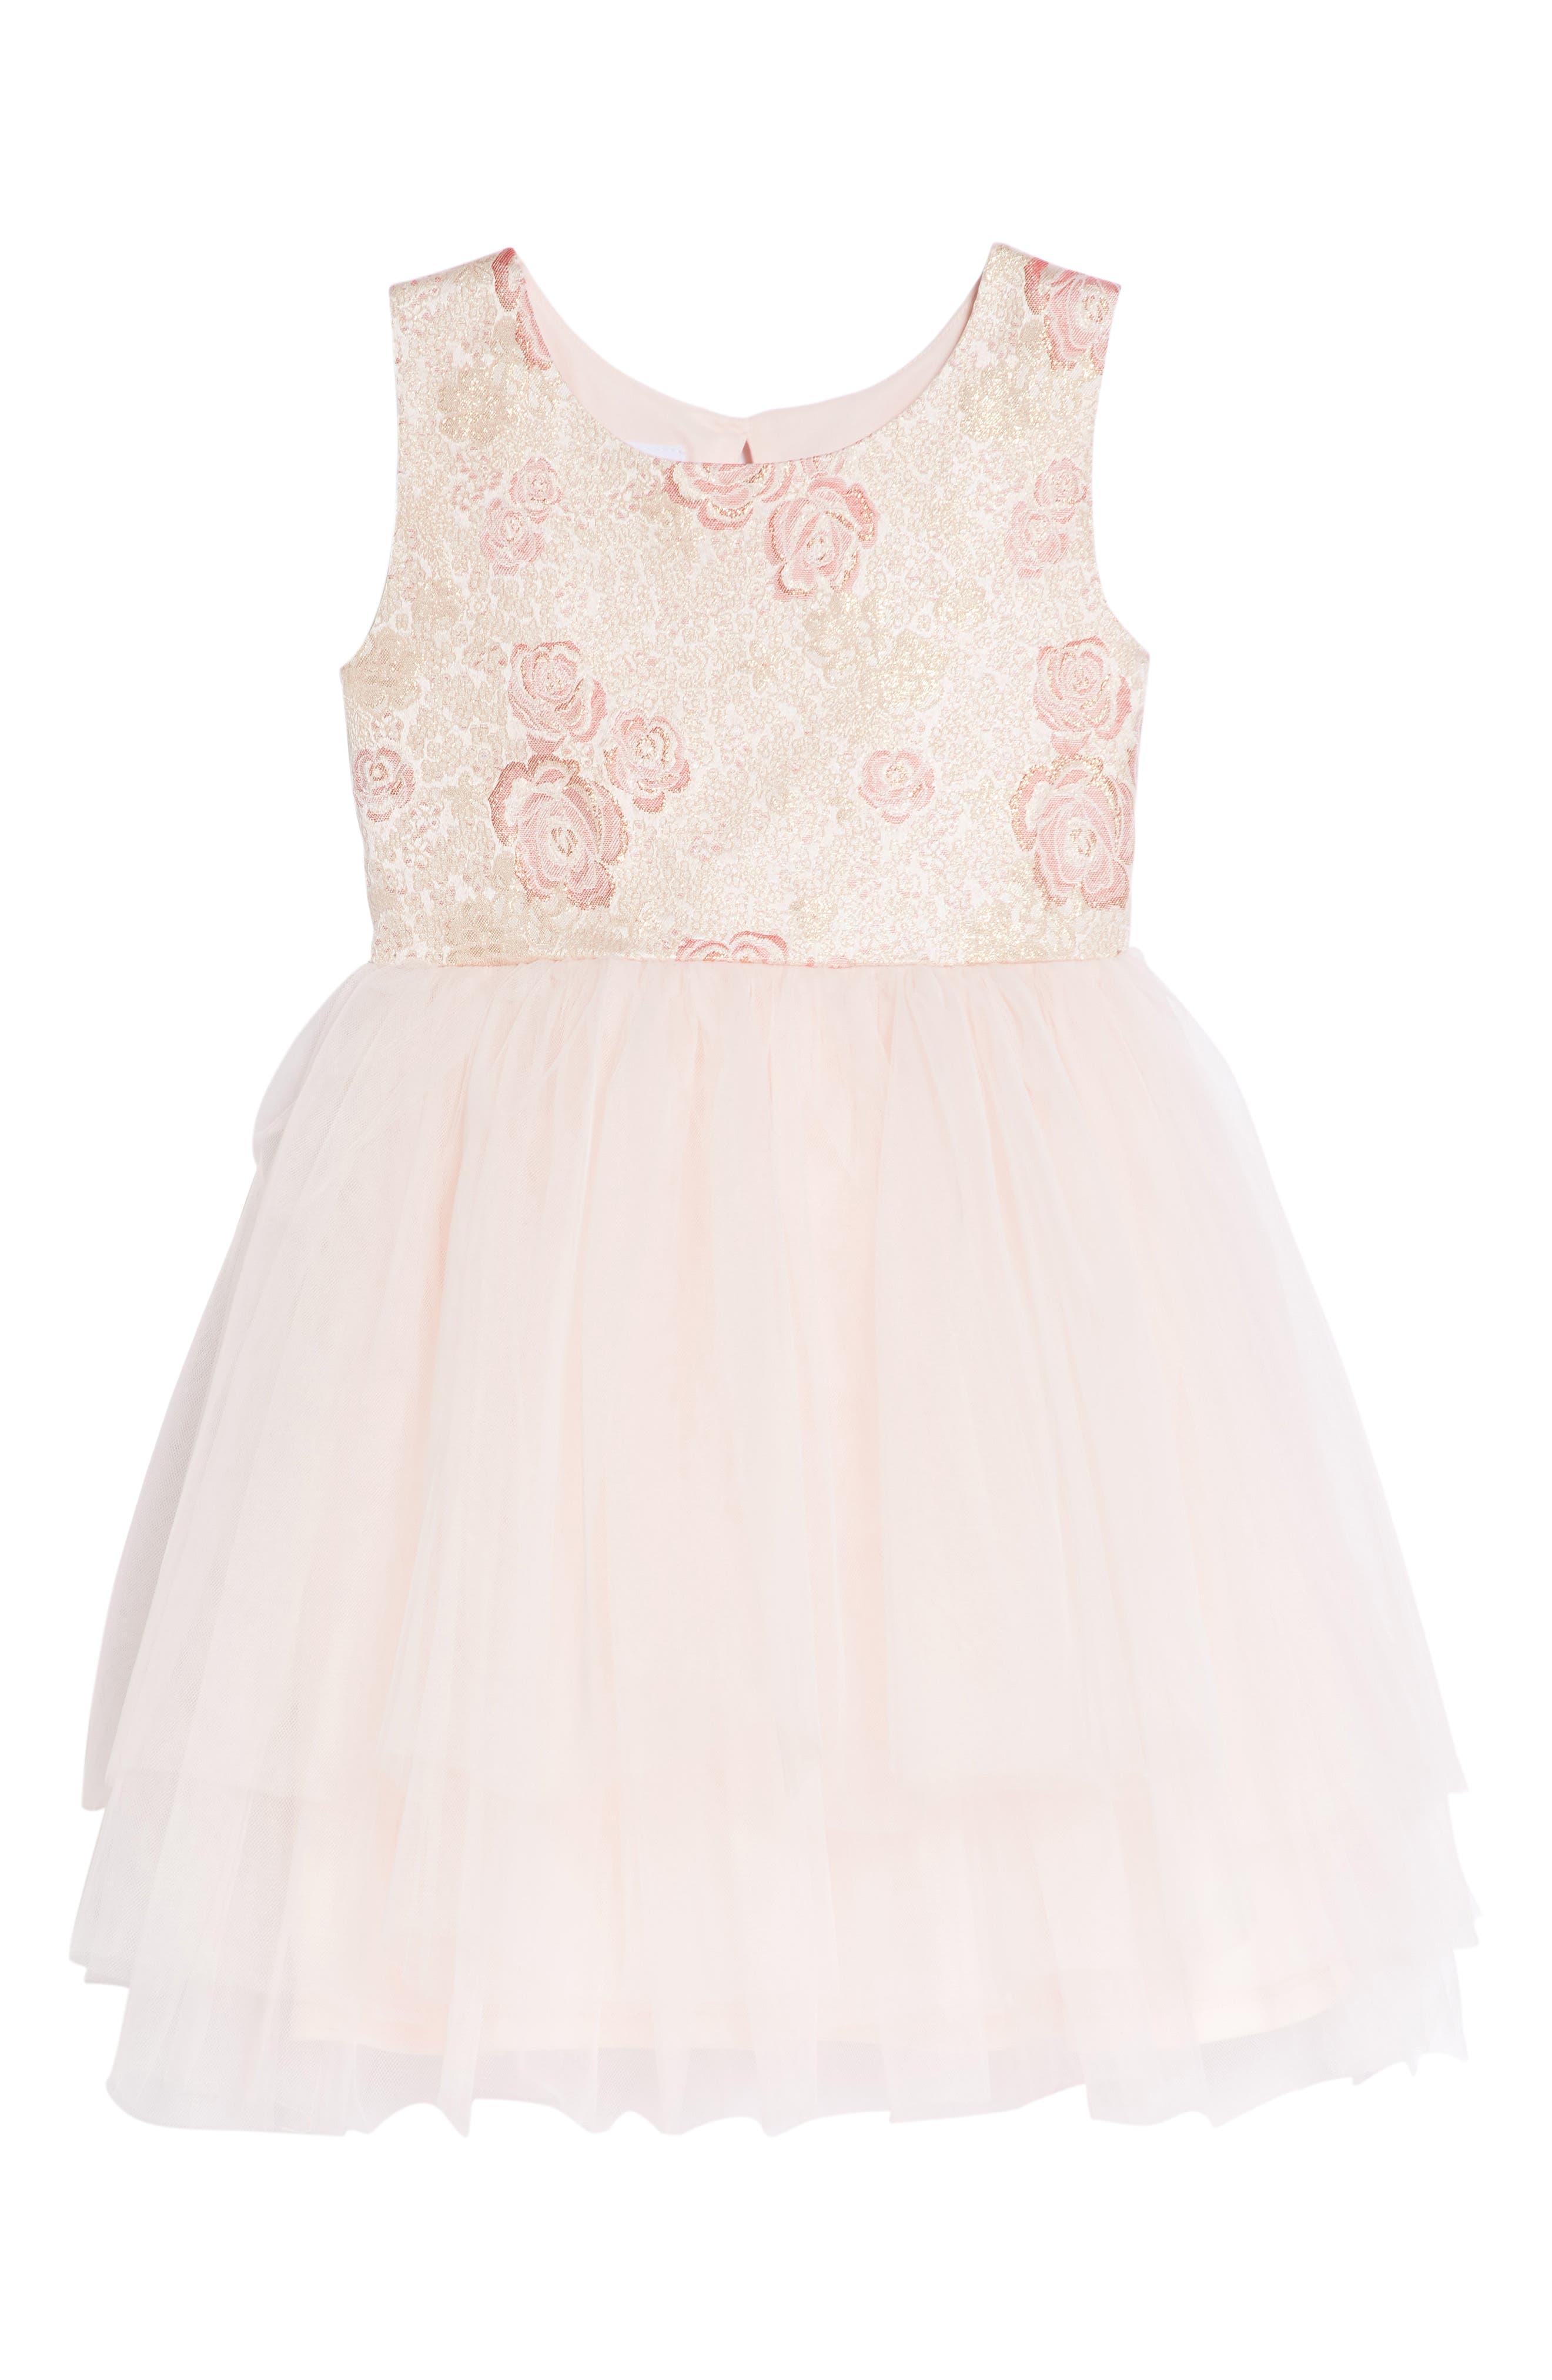 Rose Jacquard Fit & Flare Dress,                             Main thumbnail 1, color,                             Light Pink